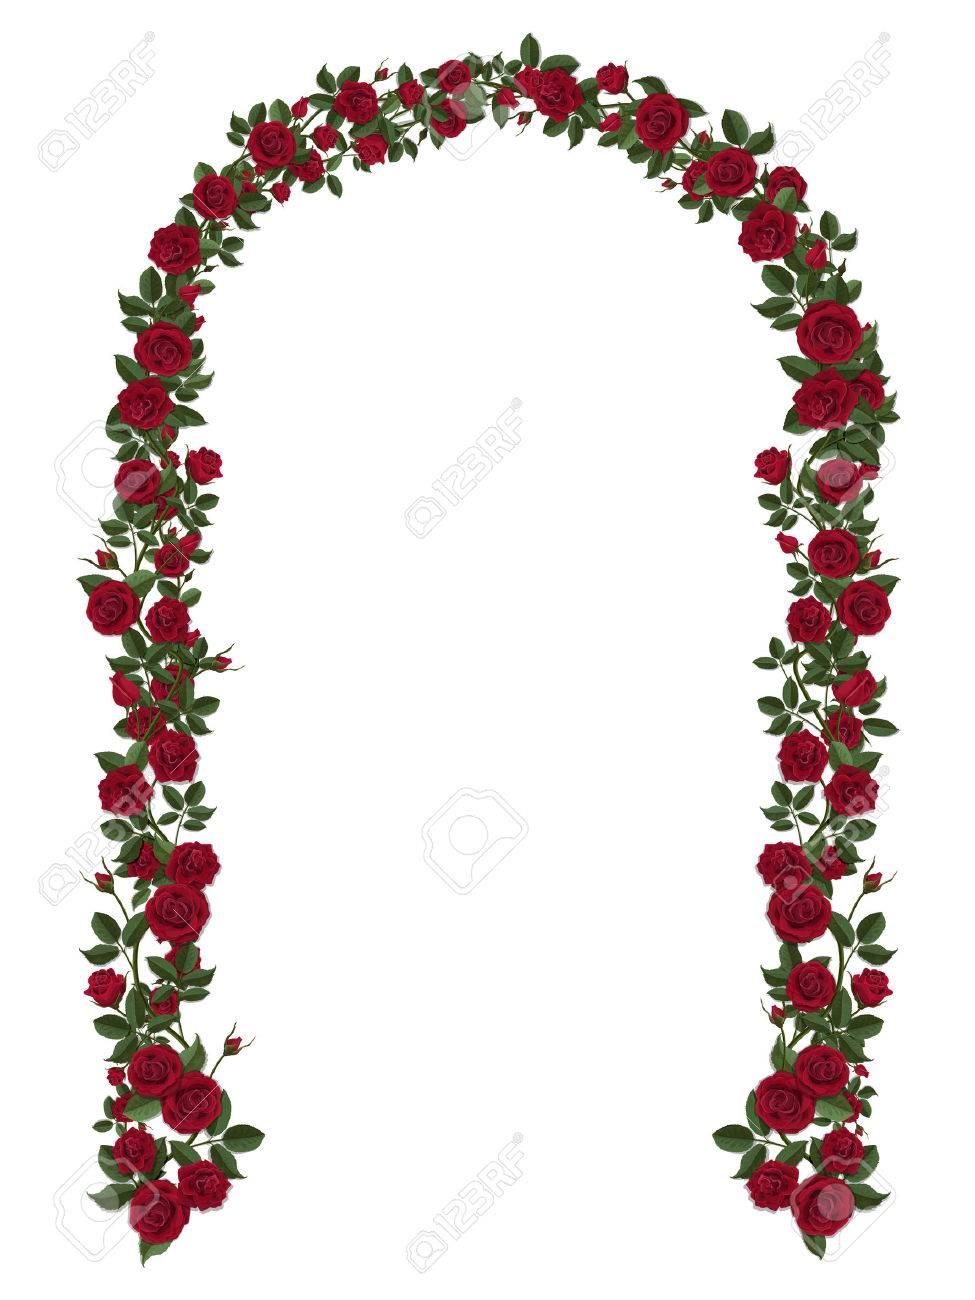 Arco De Rosas Rojas De Escalada Diseño Floral Decoración De Boda Ilustraciones Vectoriales Clip Art Vectorizado Libre De Derechos Image 53523680